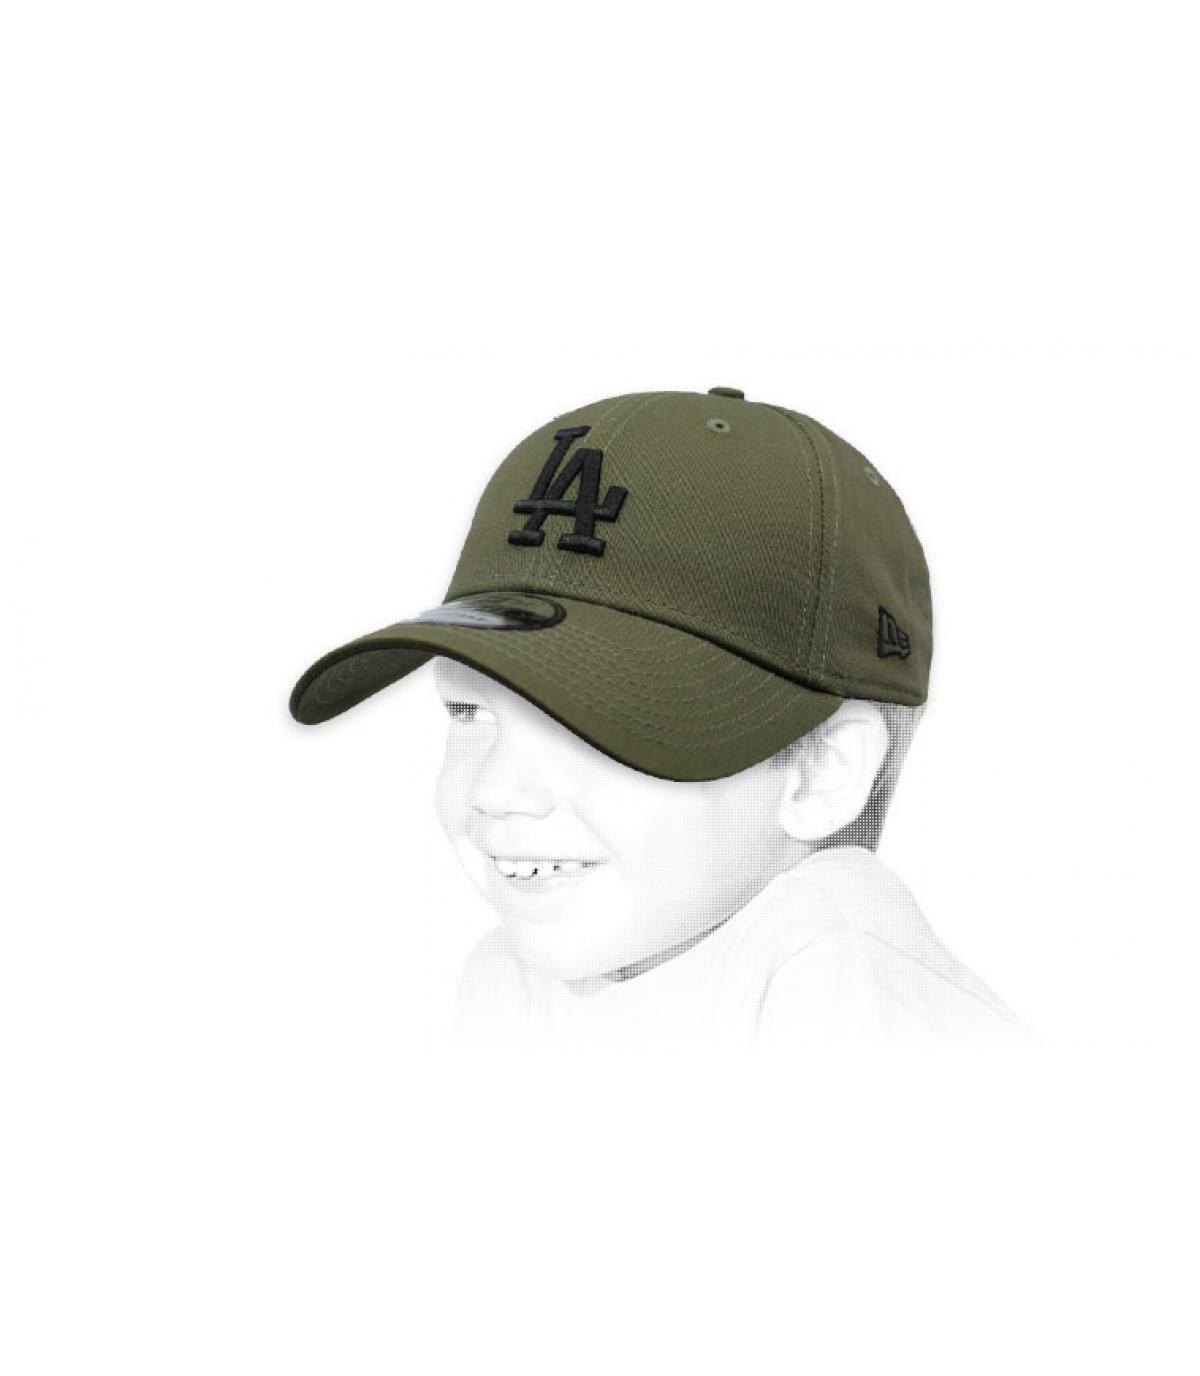 gorra niño LA verde. gorra niño LA verde · New Era Kids League Ess LA 9Forty  ... 011ce373ef1